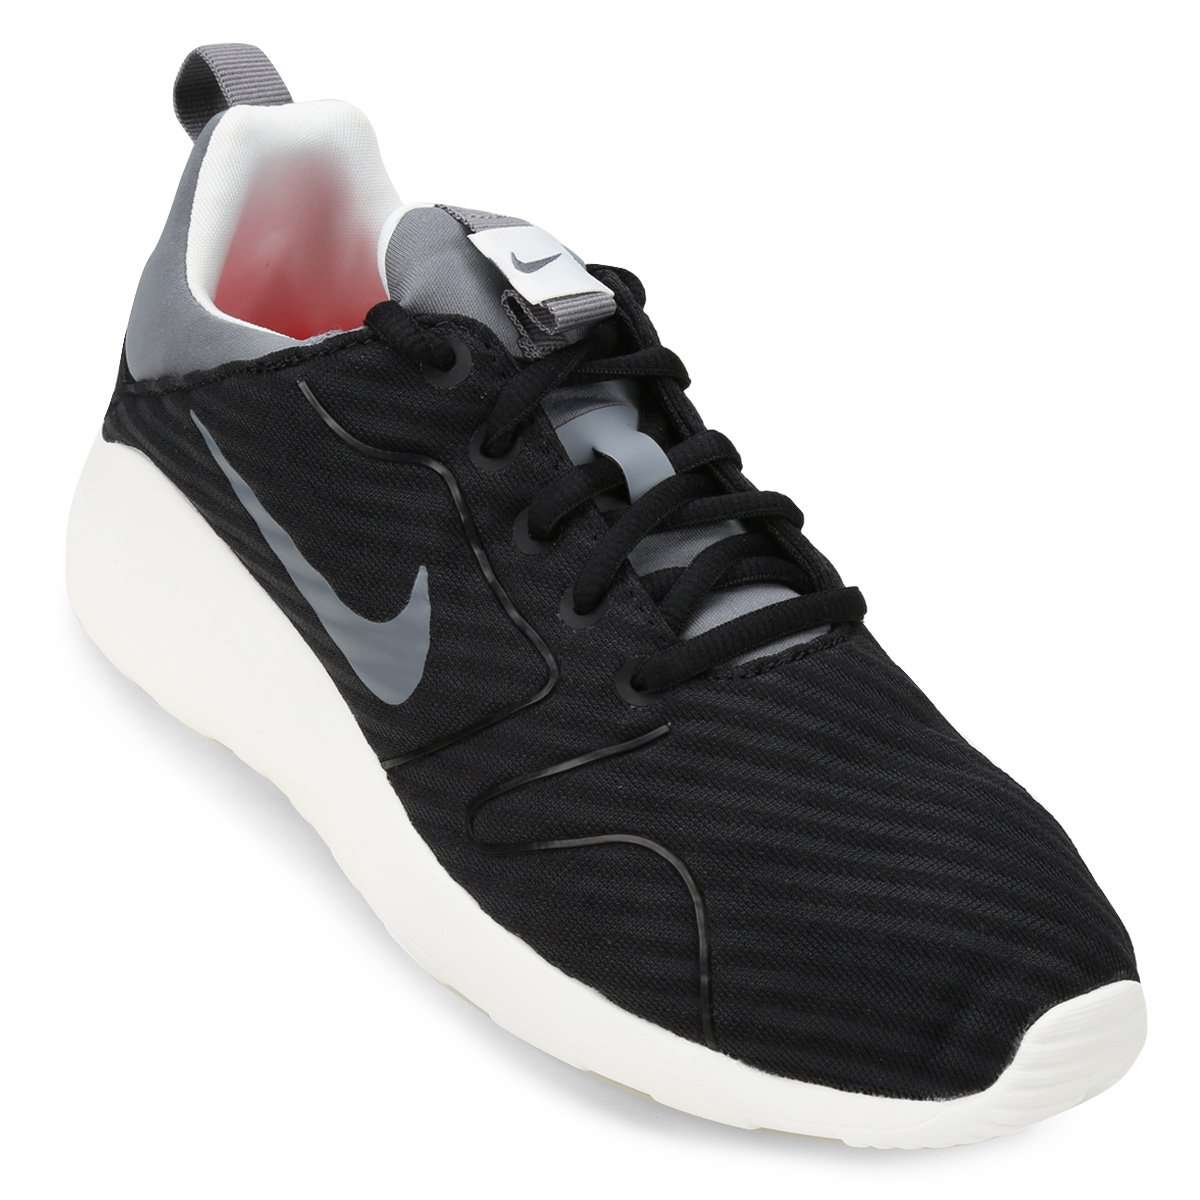 ac78422cc0 Tênis Nike Wmns Kaishi 2.0 Se Feminino - Compre Agora